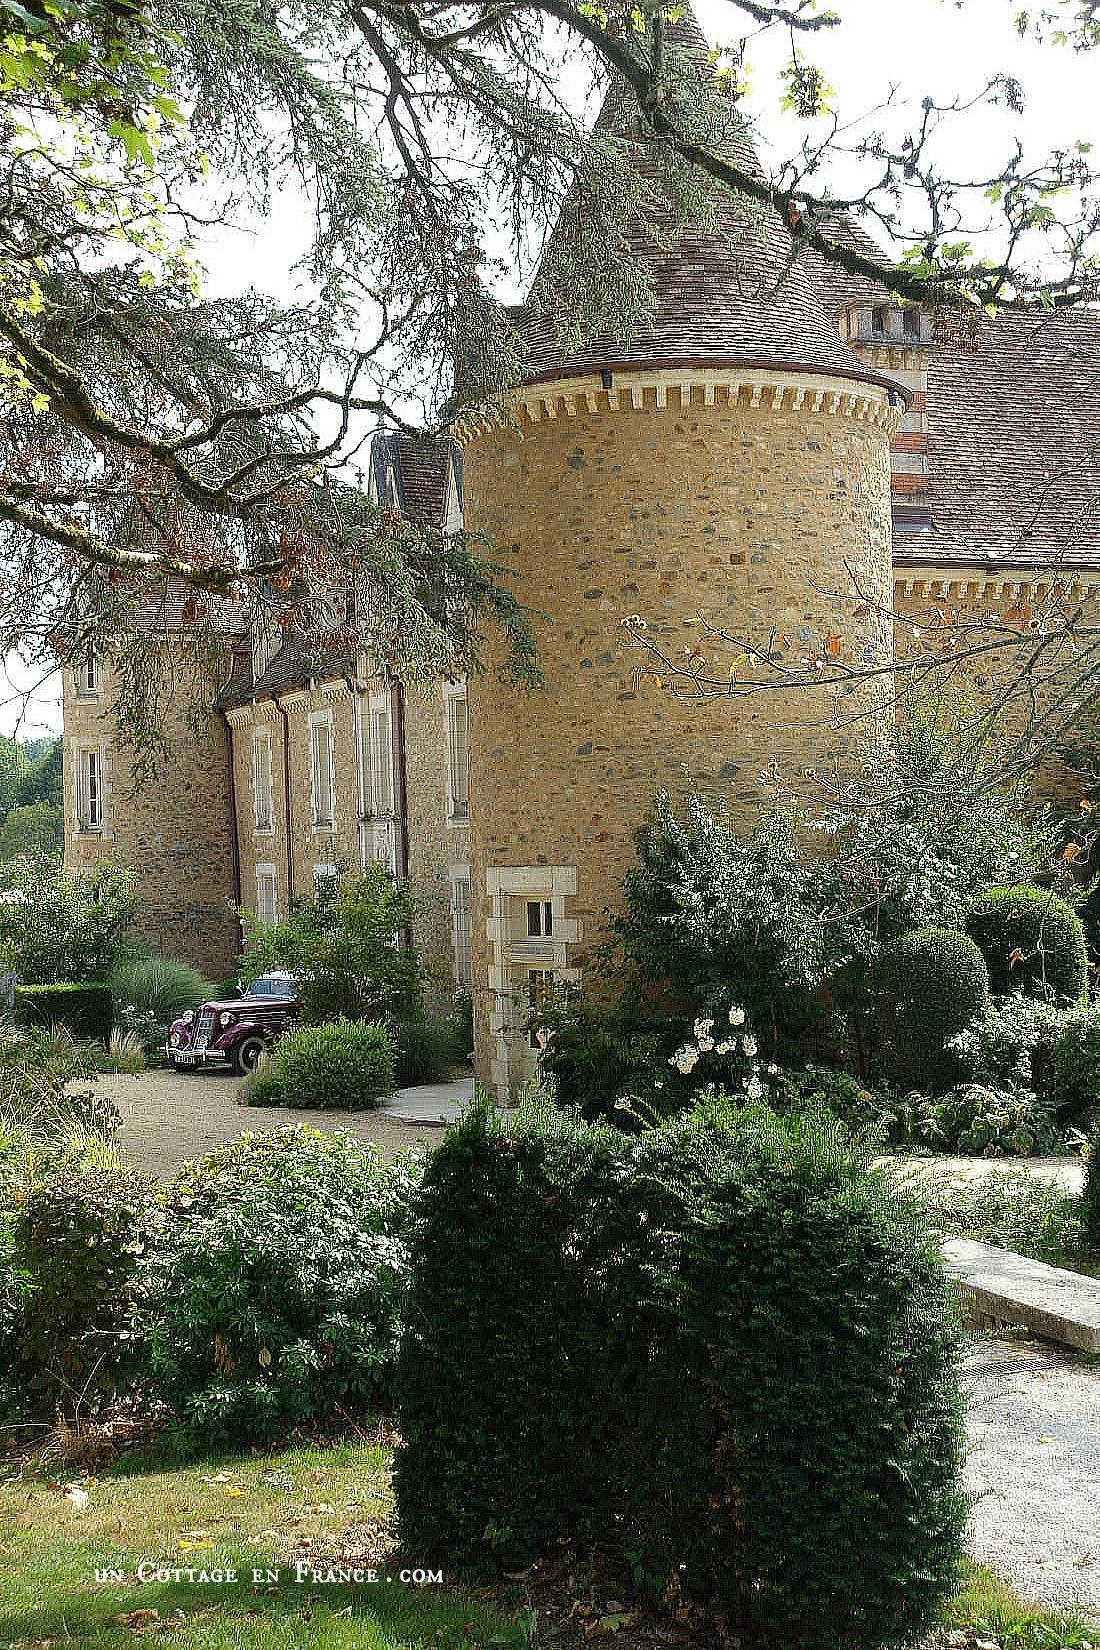 Un beau domaine boutique/hôtel | A beautiful boutique hotel  (le Domaine des Etangs, Charente)